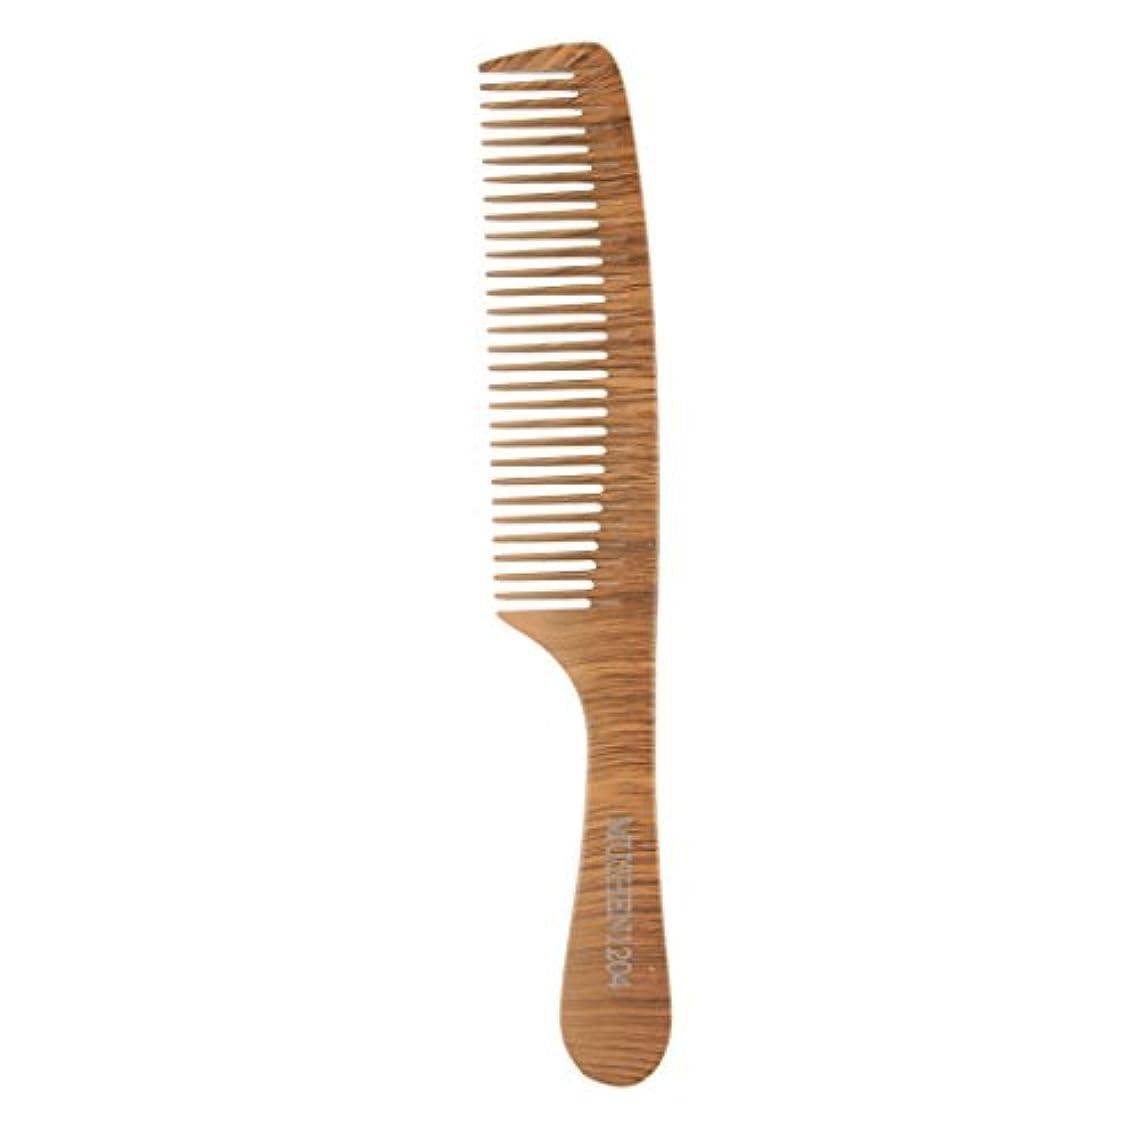 バックアップ天才韓国語木の理髪のスタイリングの櫛、大広間およびホテルのヘアケアツールのための頑丈な細かい歯の毛の櫛 - 1204